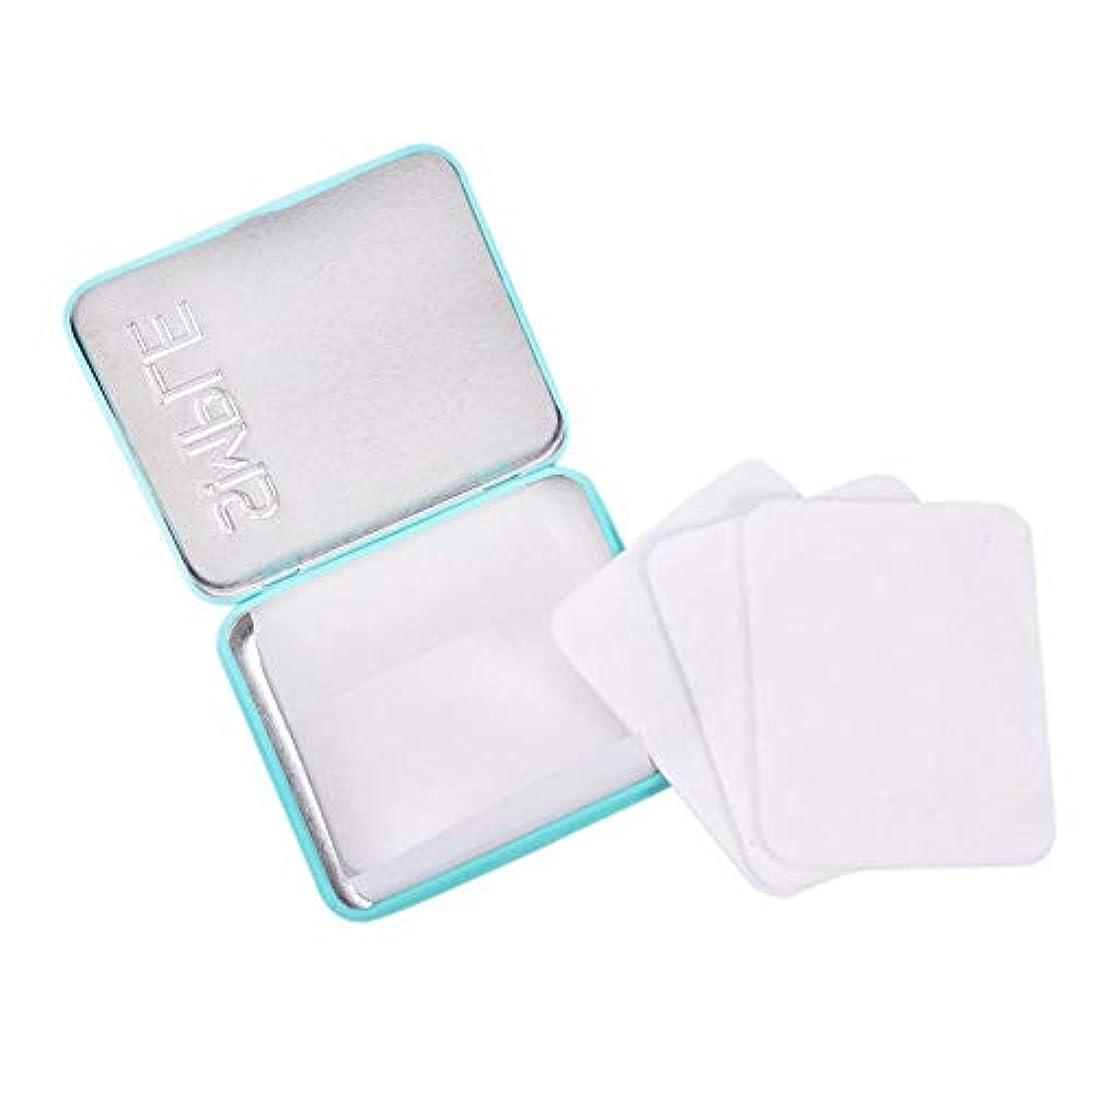 凍る青外側洗える化粧除去パッド 10個入りソフトクリーニングコットンラウンド化粧品洗顔料クリーニングコットンパッド 化粧道具